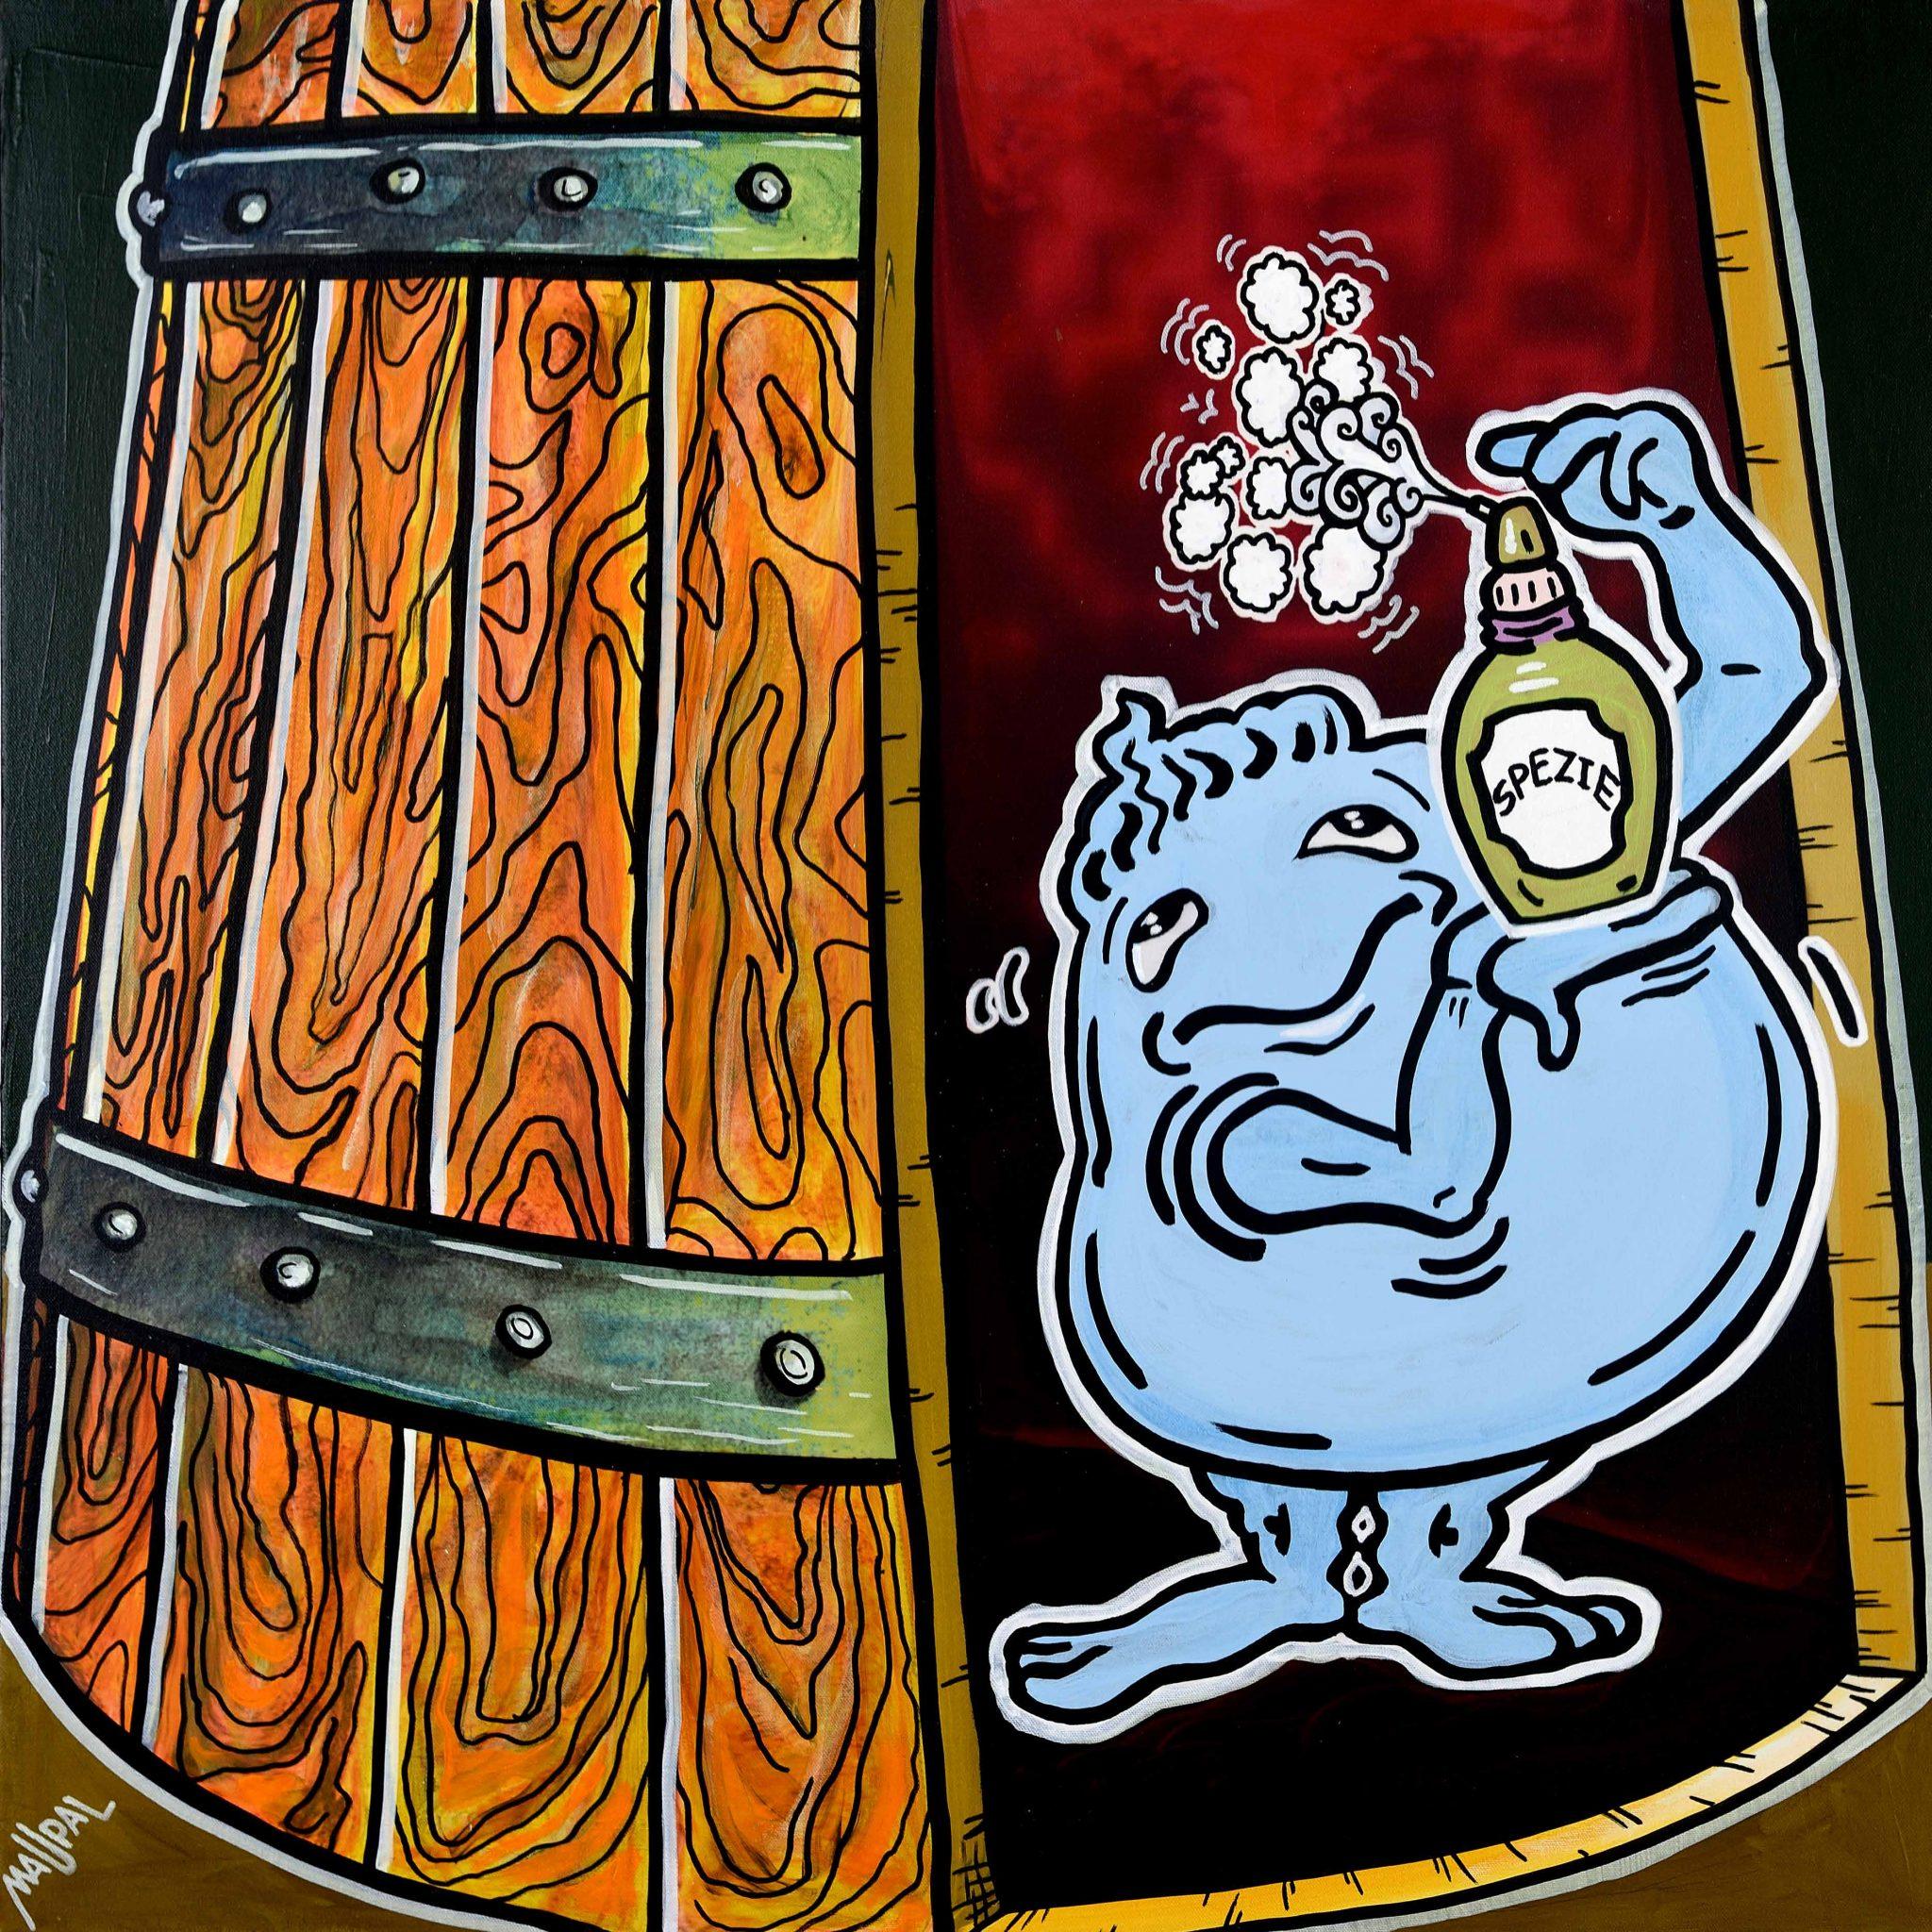 Vite Colte. Le stagioni del vino nella street pop art di Maupal, a Barolo